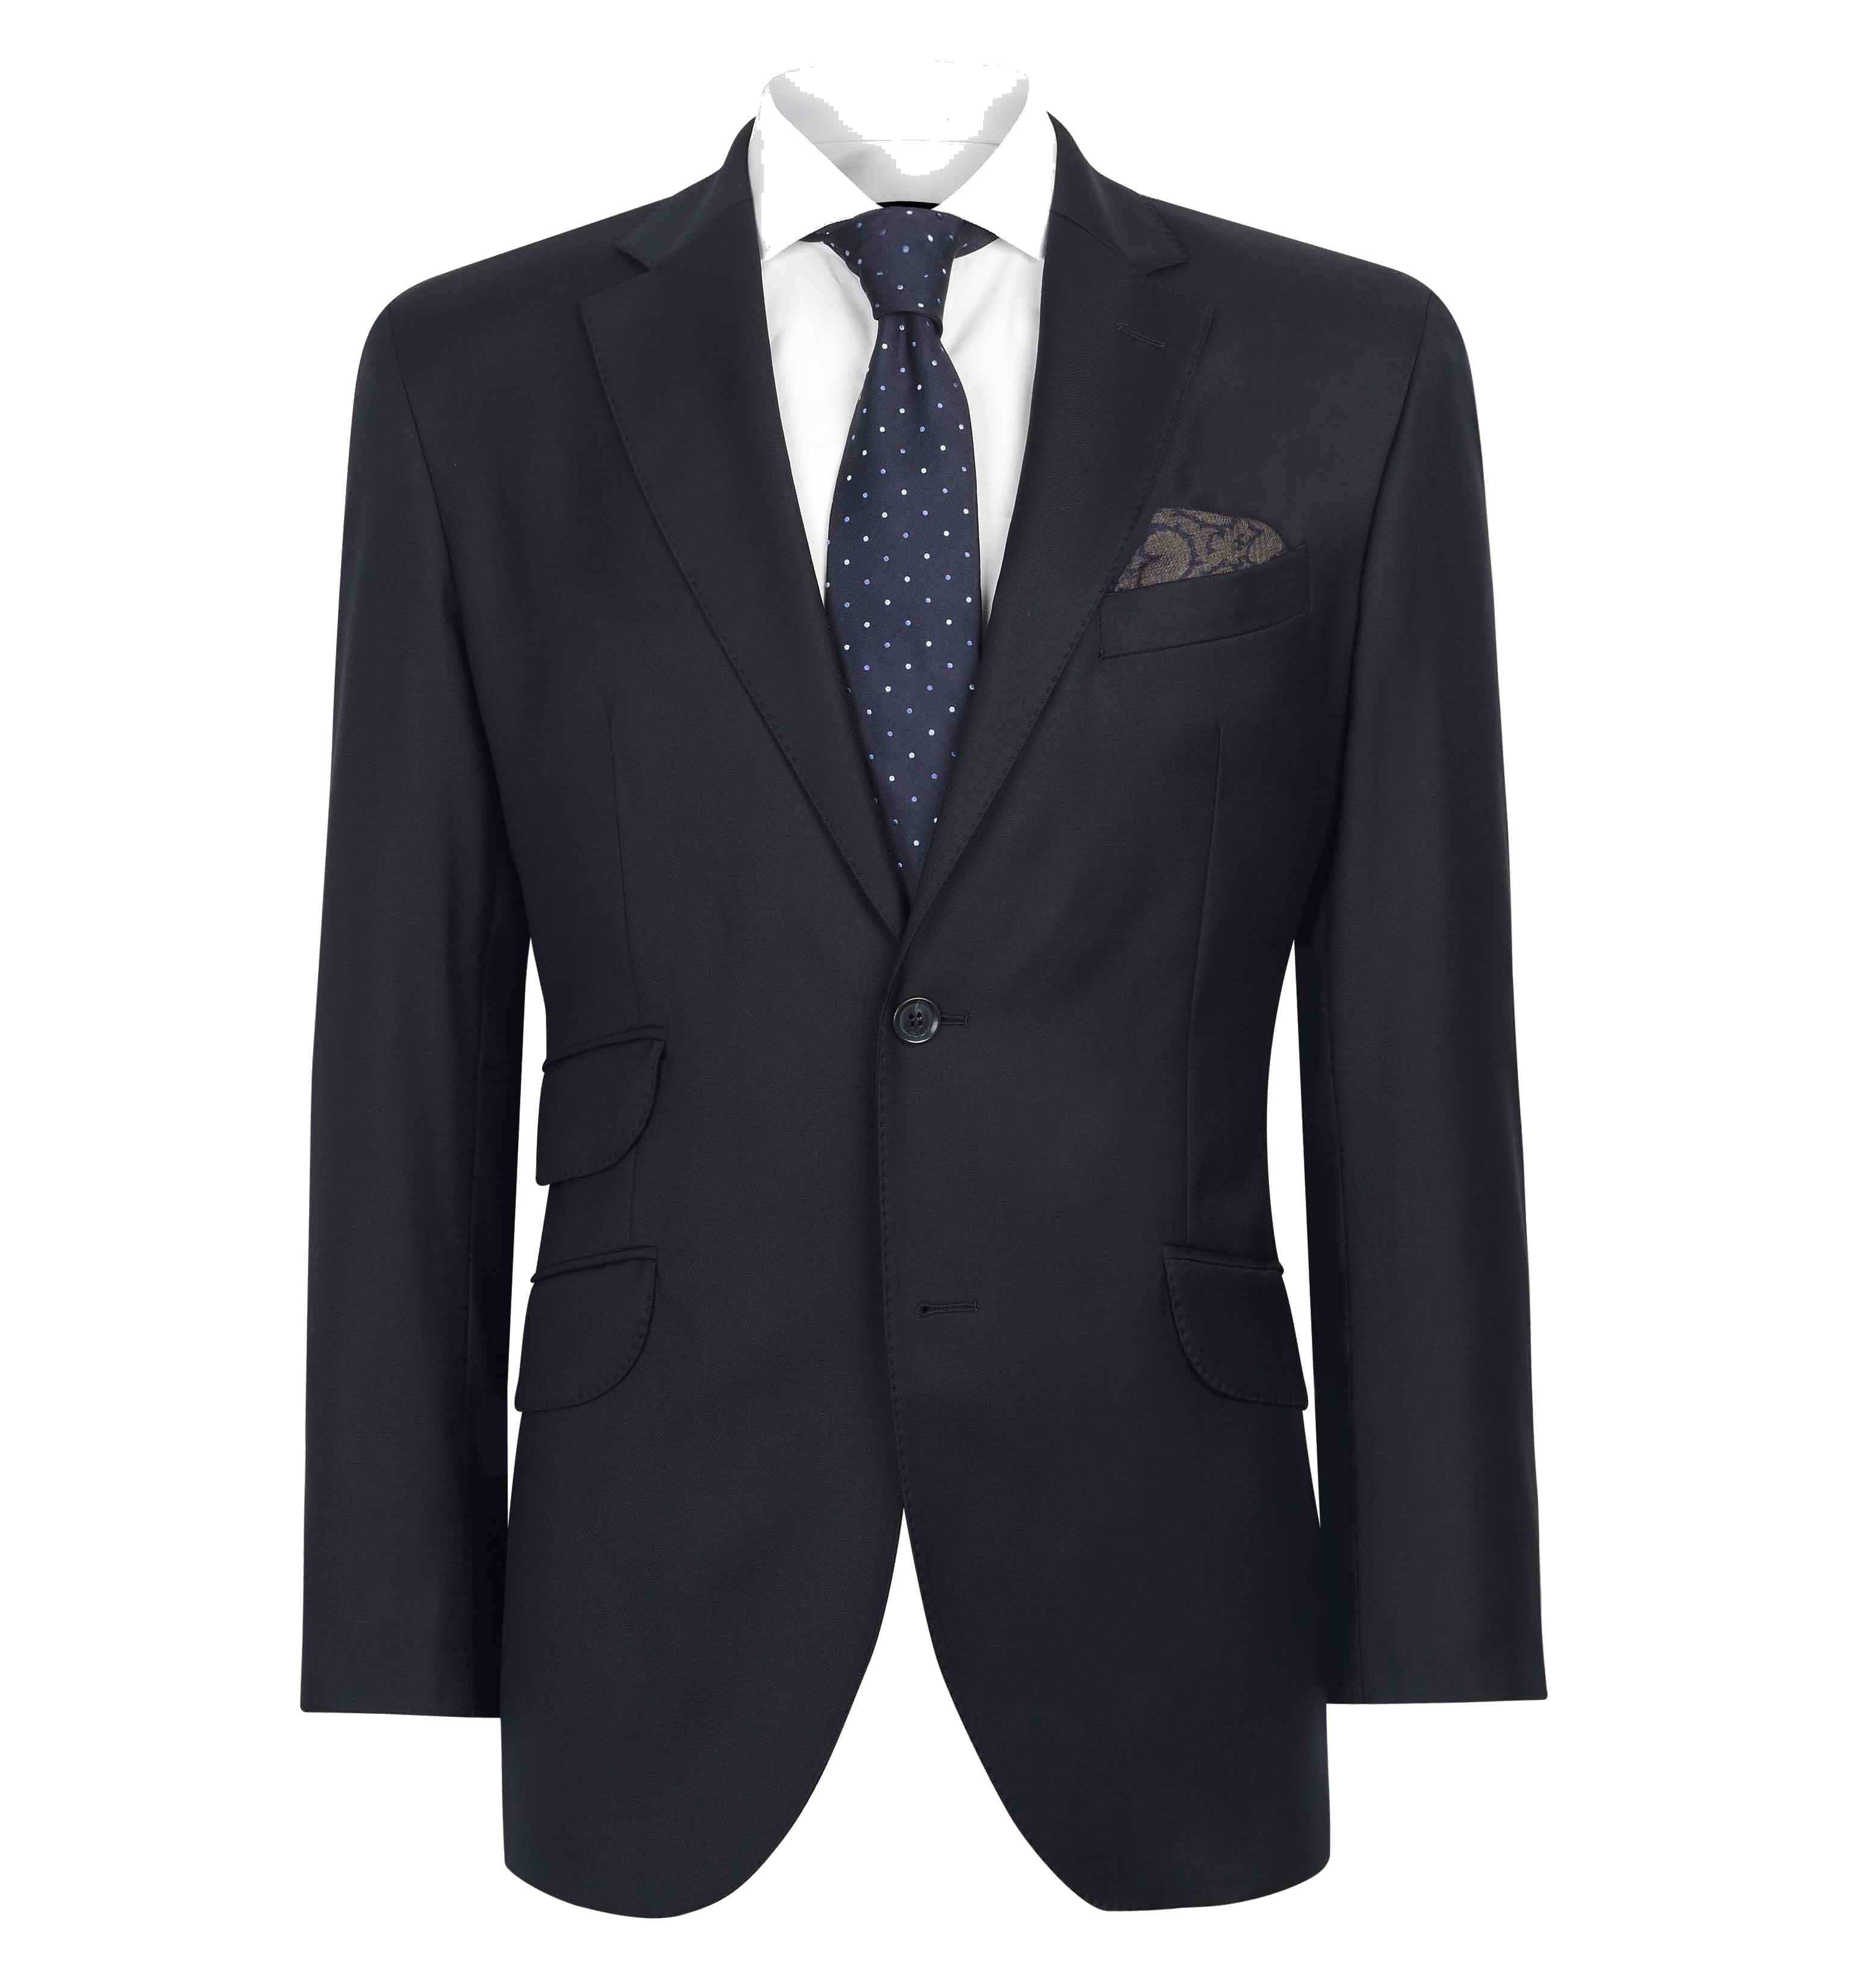 Suit HD PNG - 137348